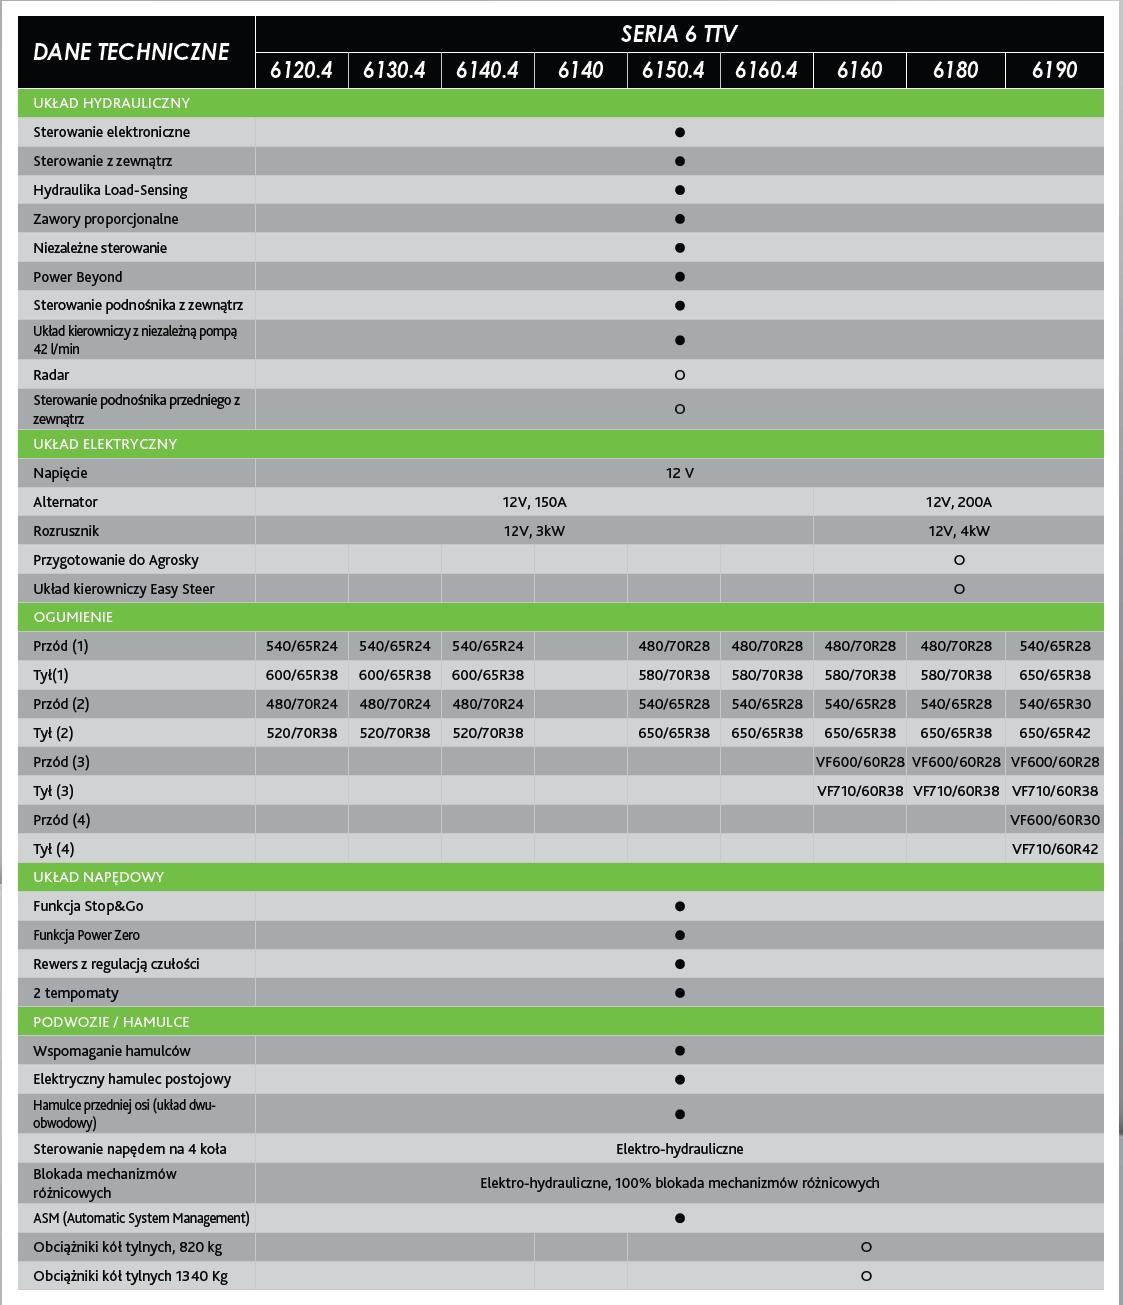 Deutz-Fahr Seria 6 TTV